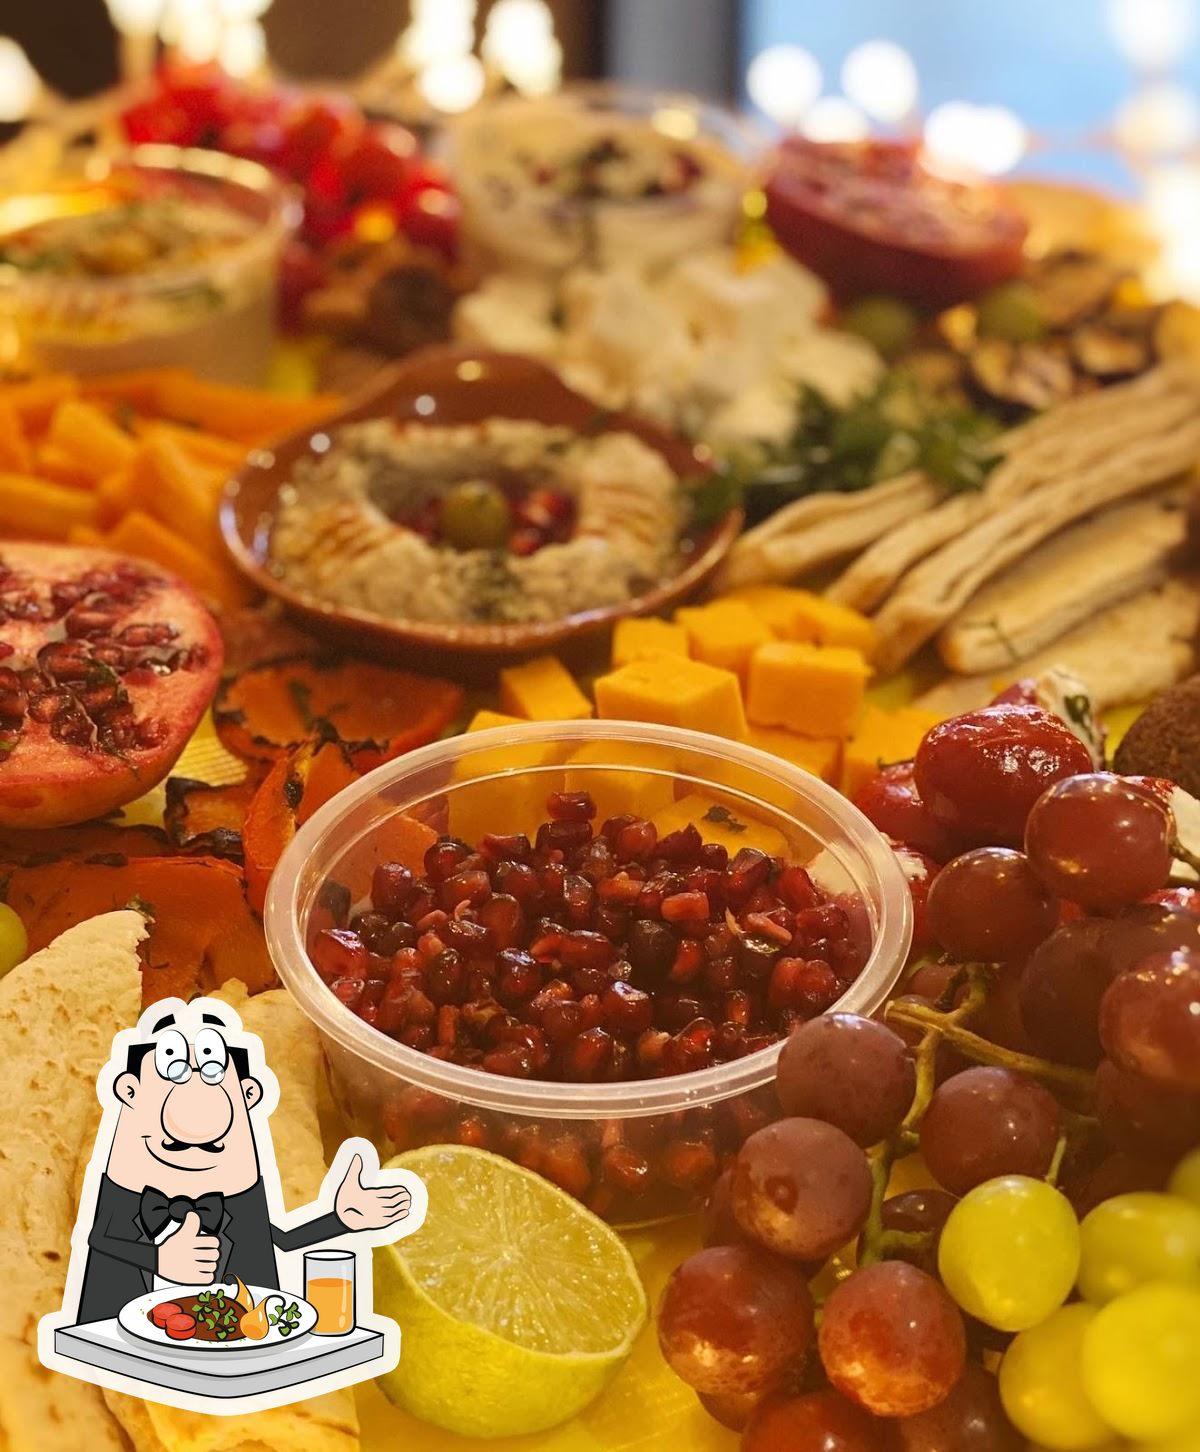 Meals at El Shams